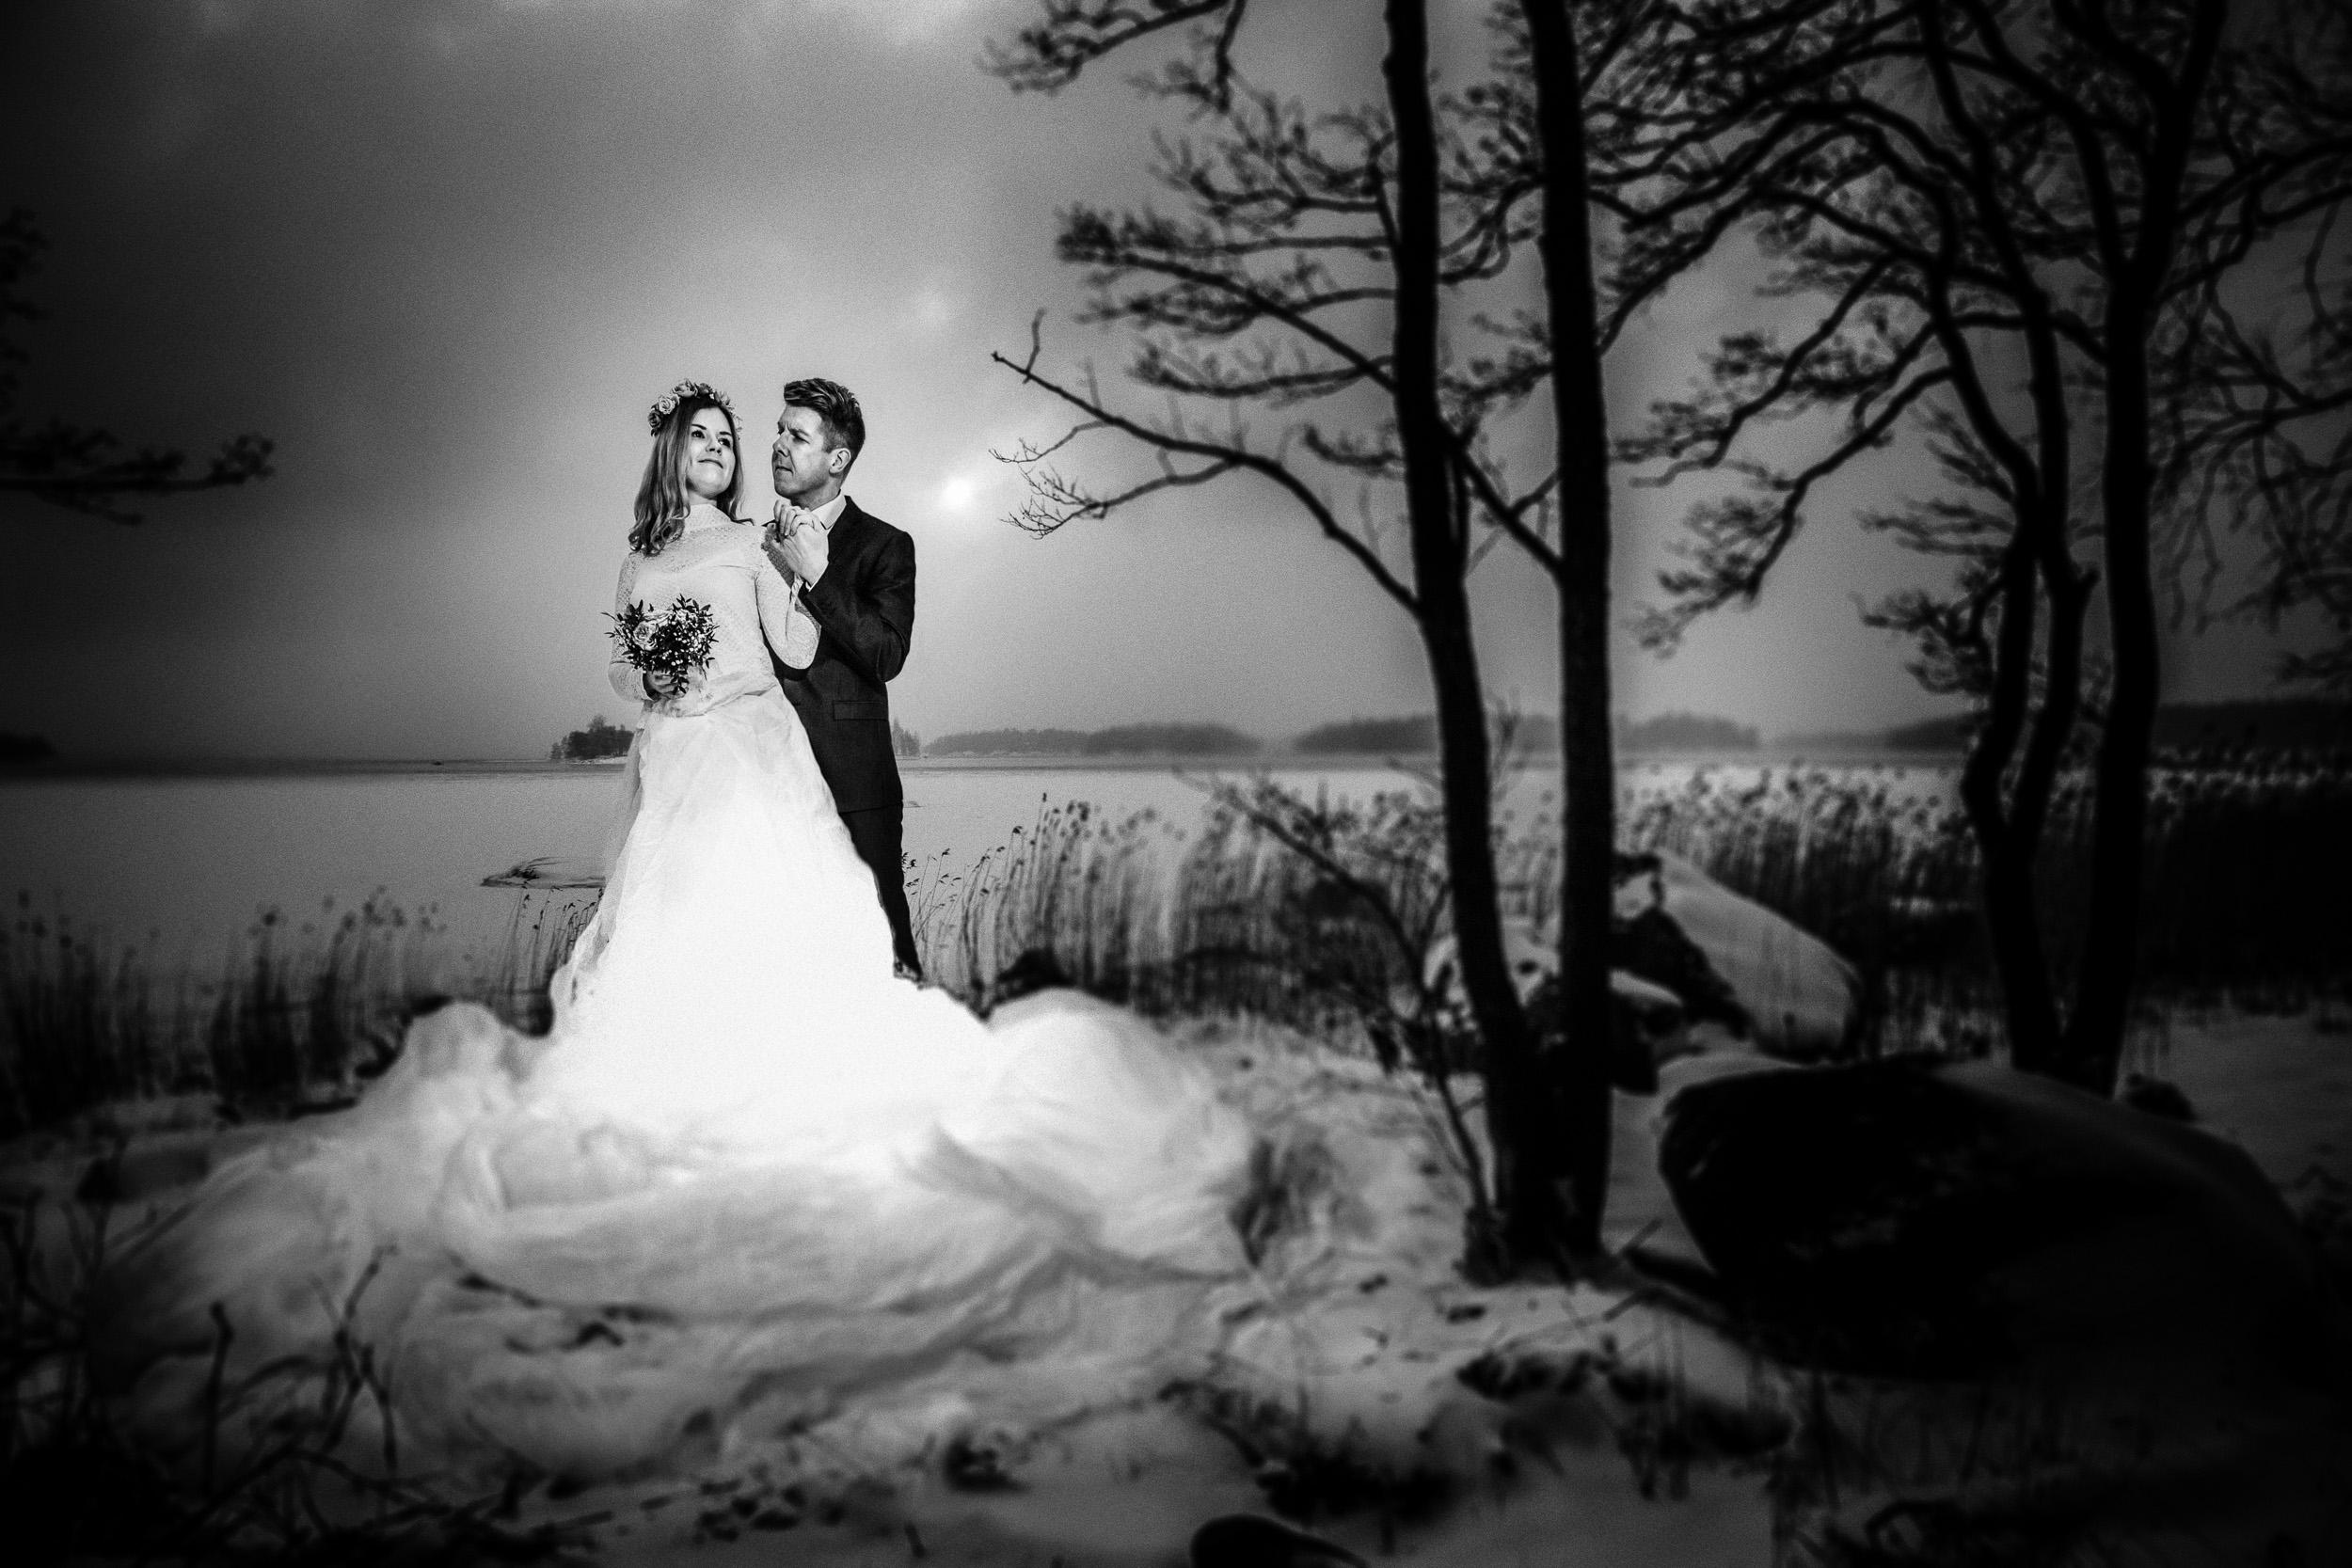 Sonja & Jarmo - Wedding Photos